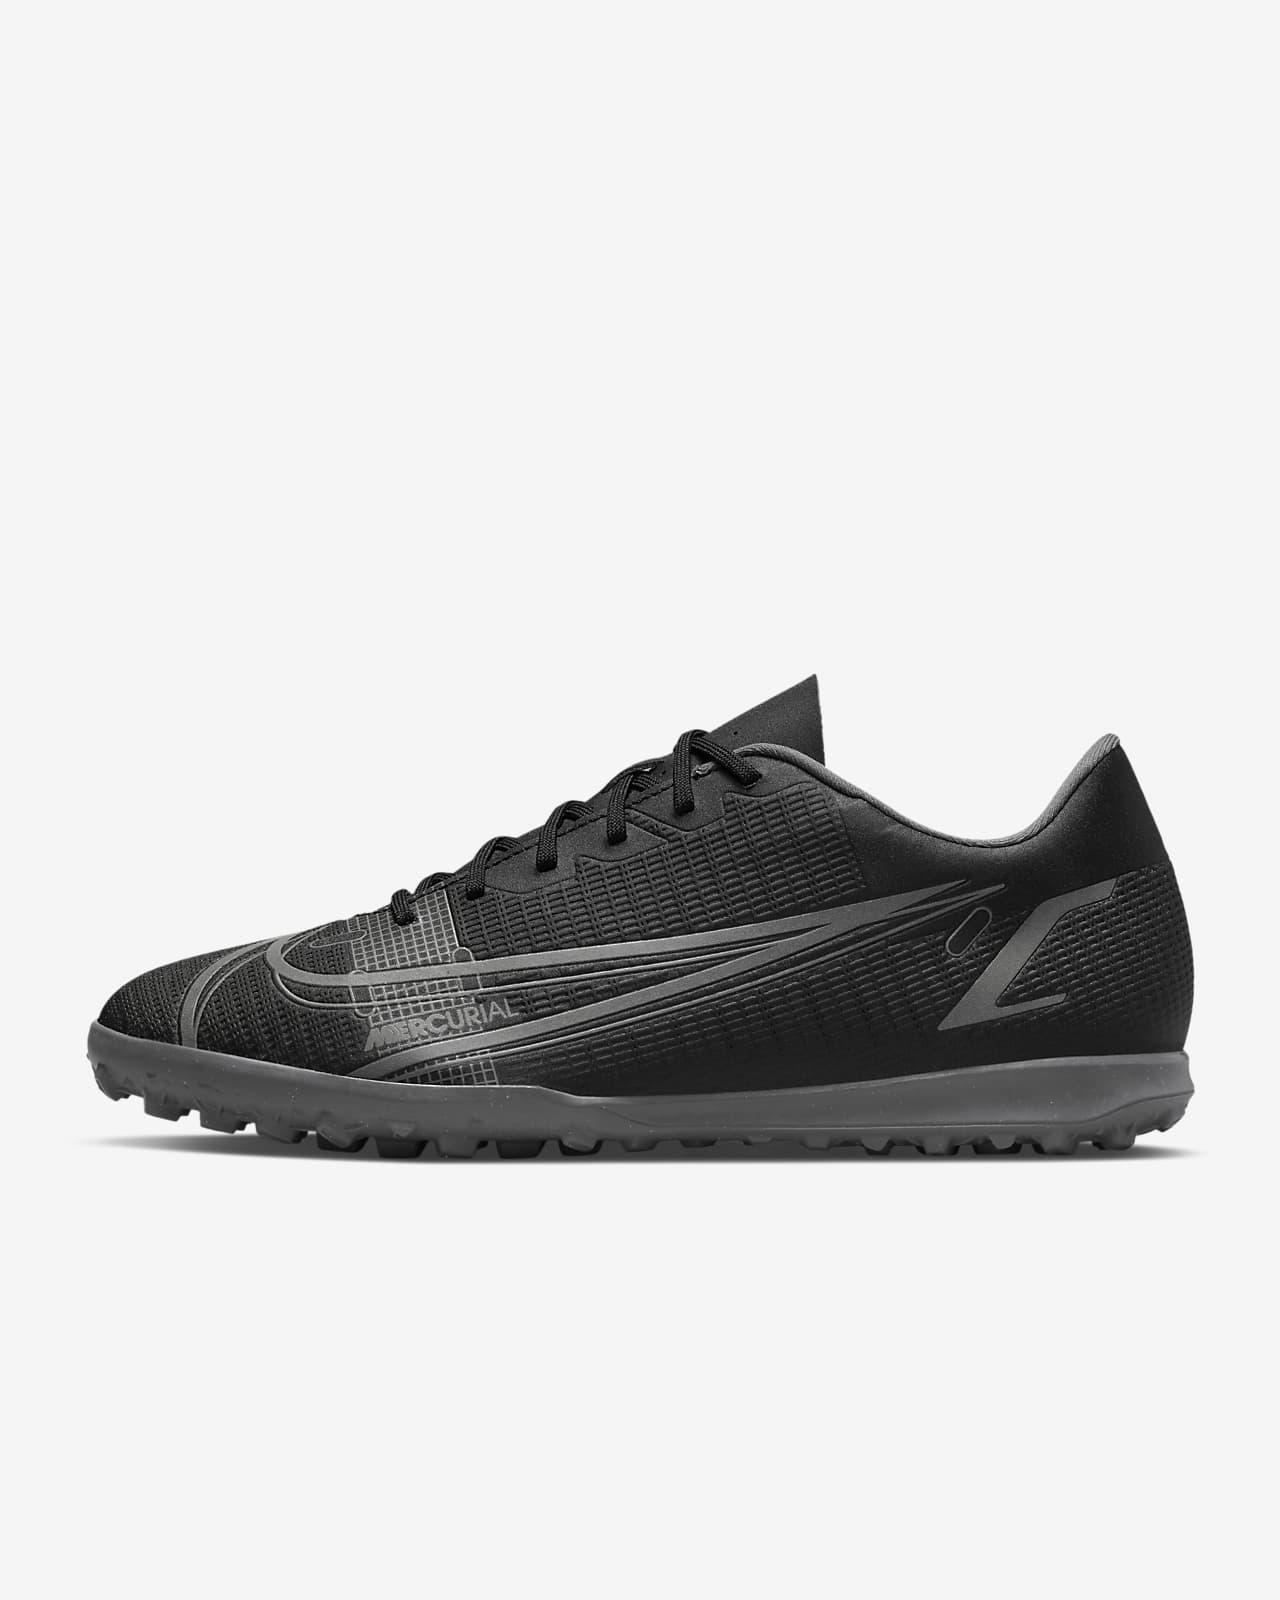 Nike Mercurial Vapor 14 Club TF Turf Soccer Shoe